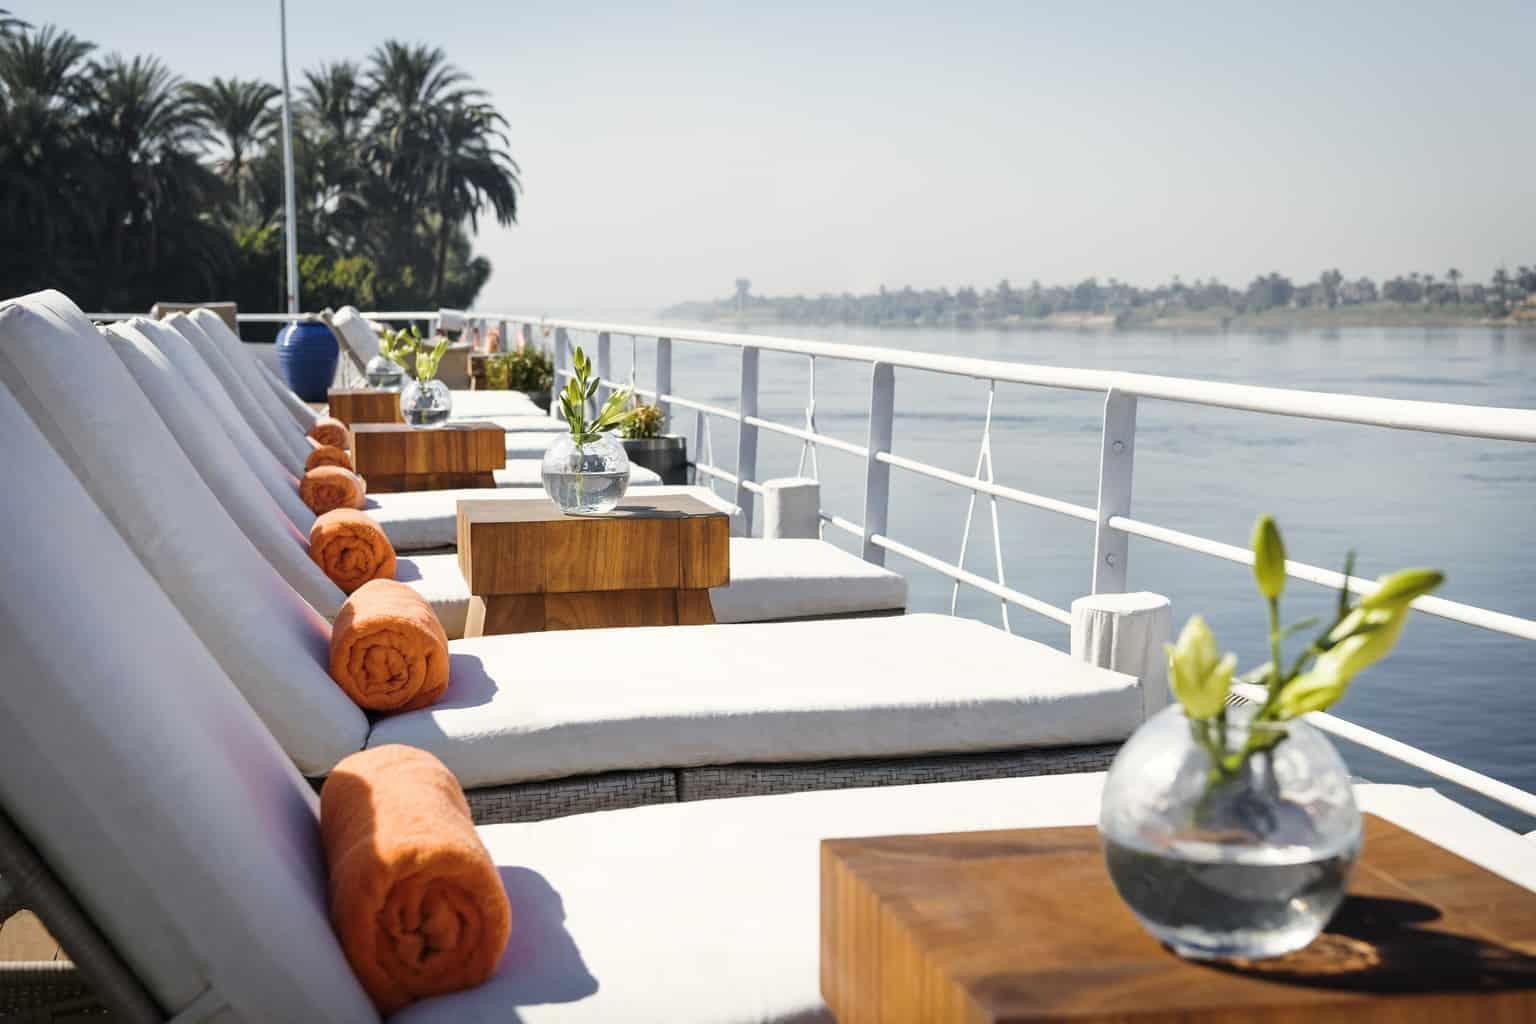 No-deck-do-Sanctuary-Sun-Boat-IV-há-piscina-aquecida-para-que-os-casais-aproveitem-juntos-momentos-de-relaxamento.